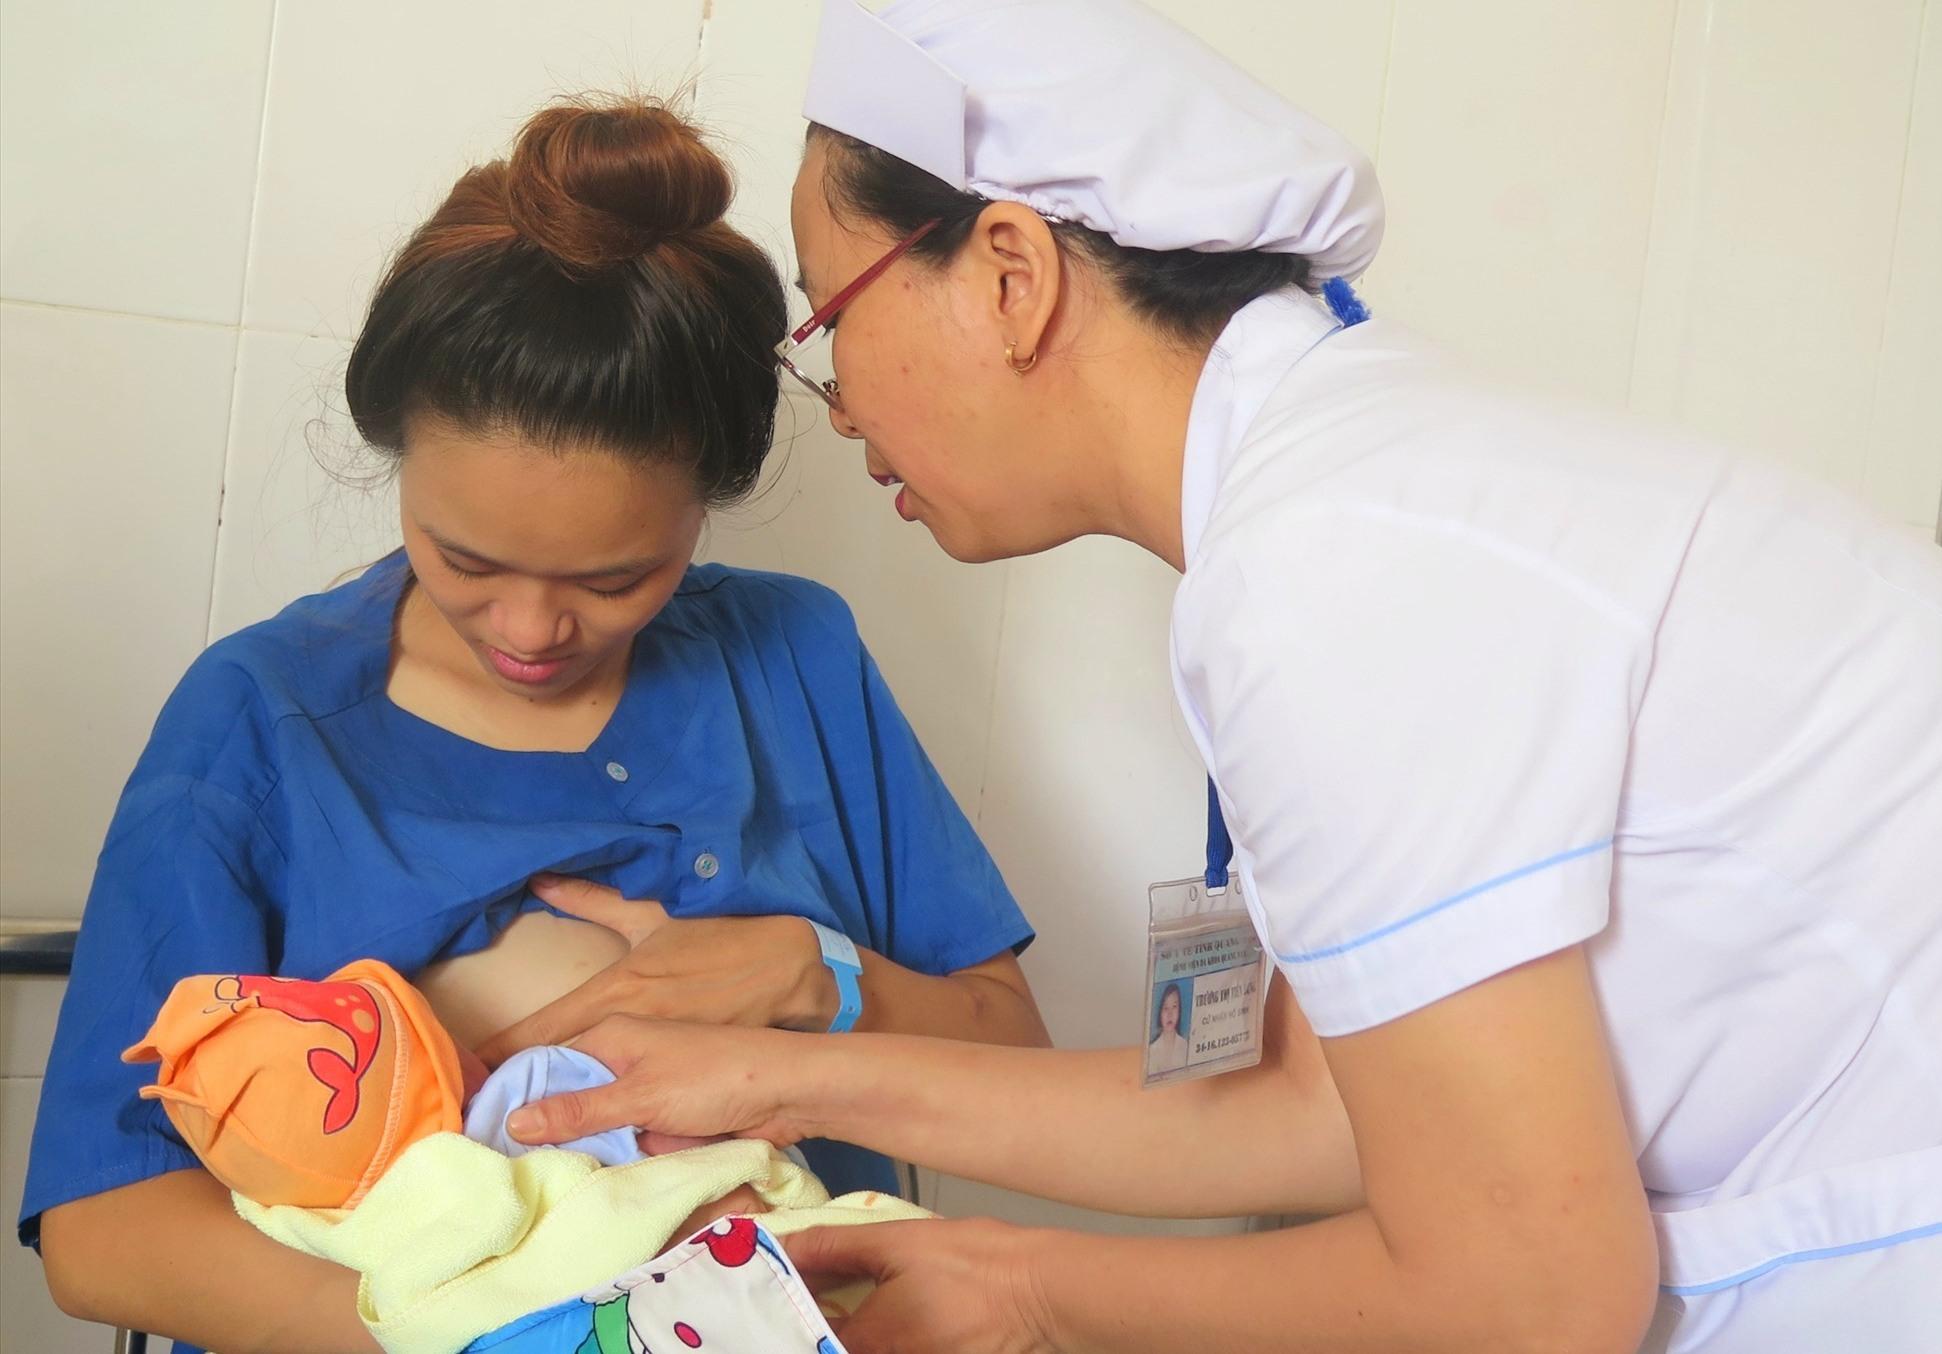 Chăm sóc sức khỏe sinh sản được tập trung trong thời gian qua. Ảnh: X.H